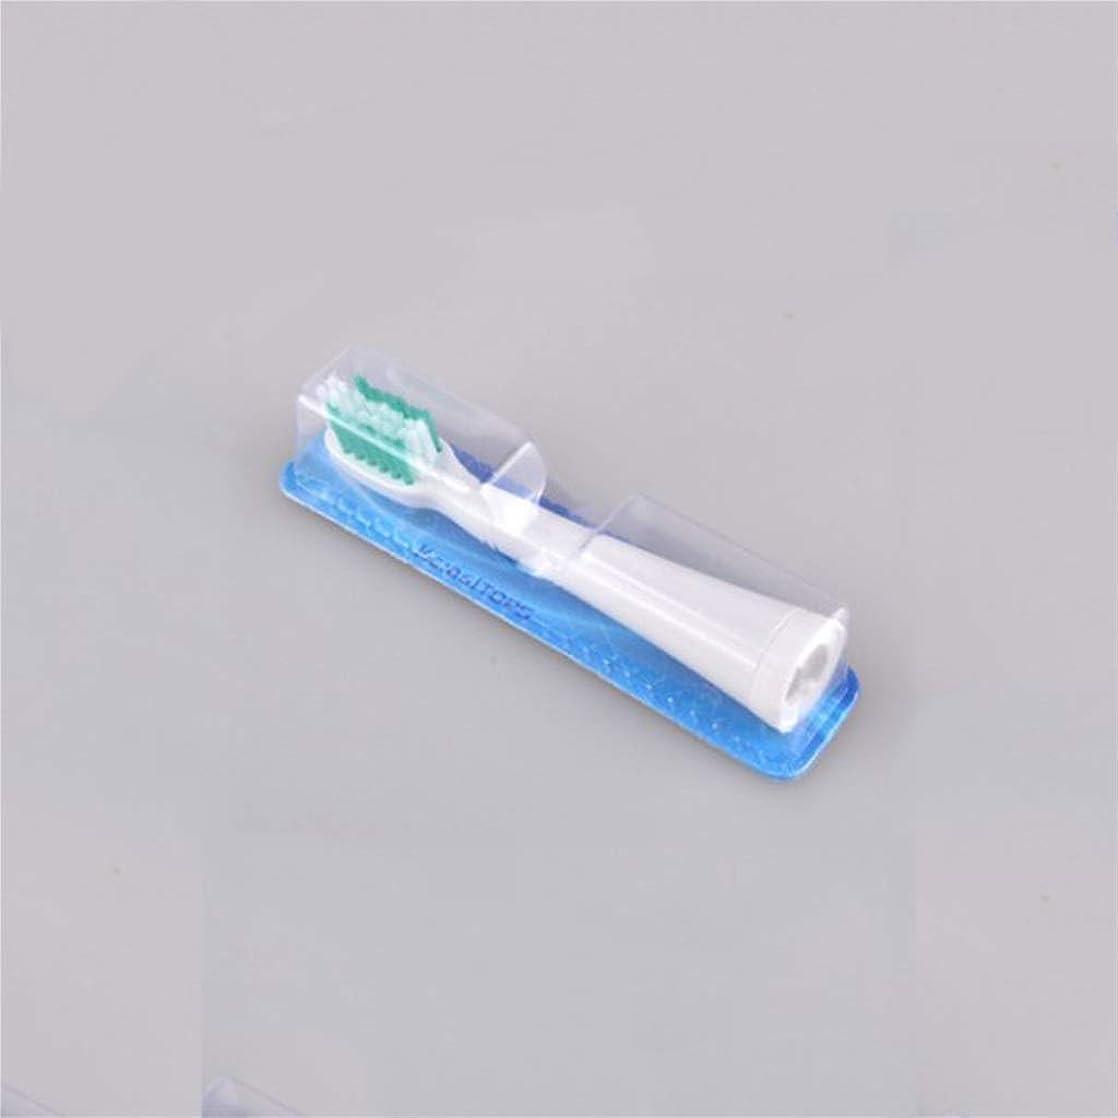 ビデオ取得する荒涼とした電動歯ブラシ 大人の子供の家庭用電動歯ブラシ超音波振動誘導充電柔らかい毛の歯ブラシ (色 : A)